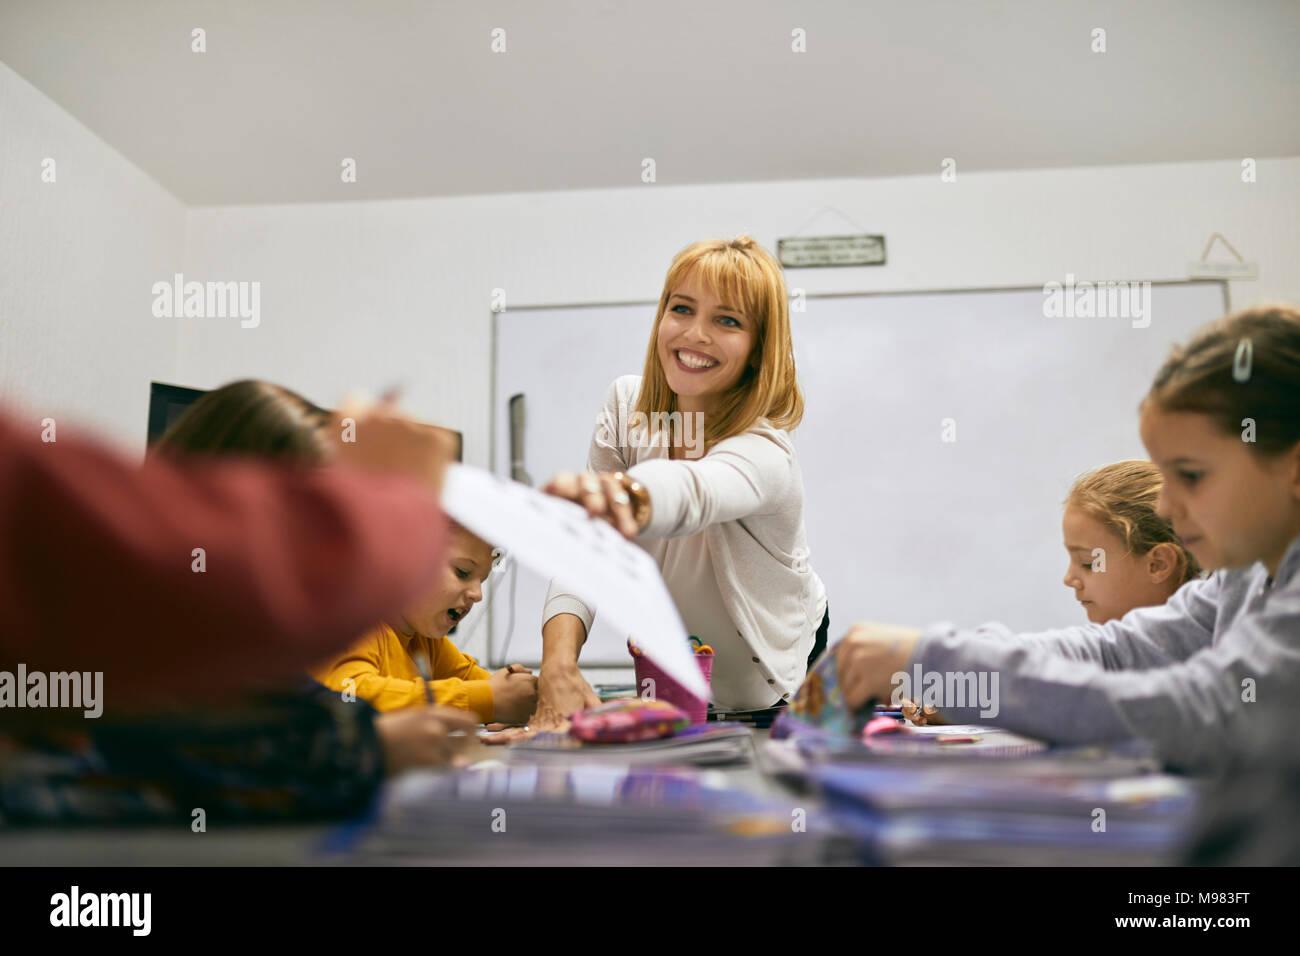 Profesor sonriente entregar hoja de papel al estudiante en la clase Imagen De Stock